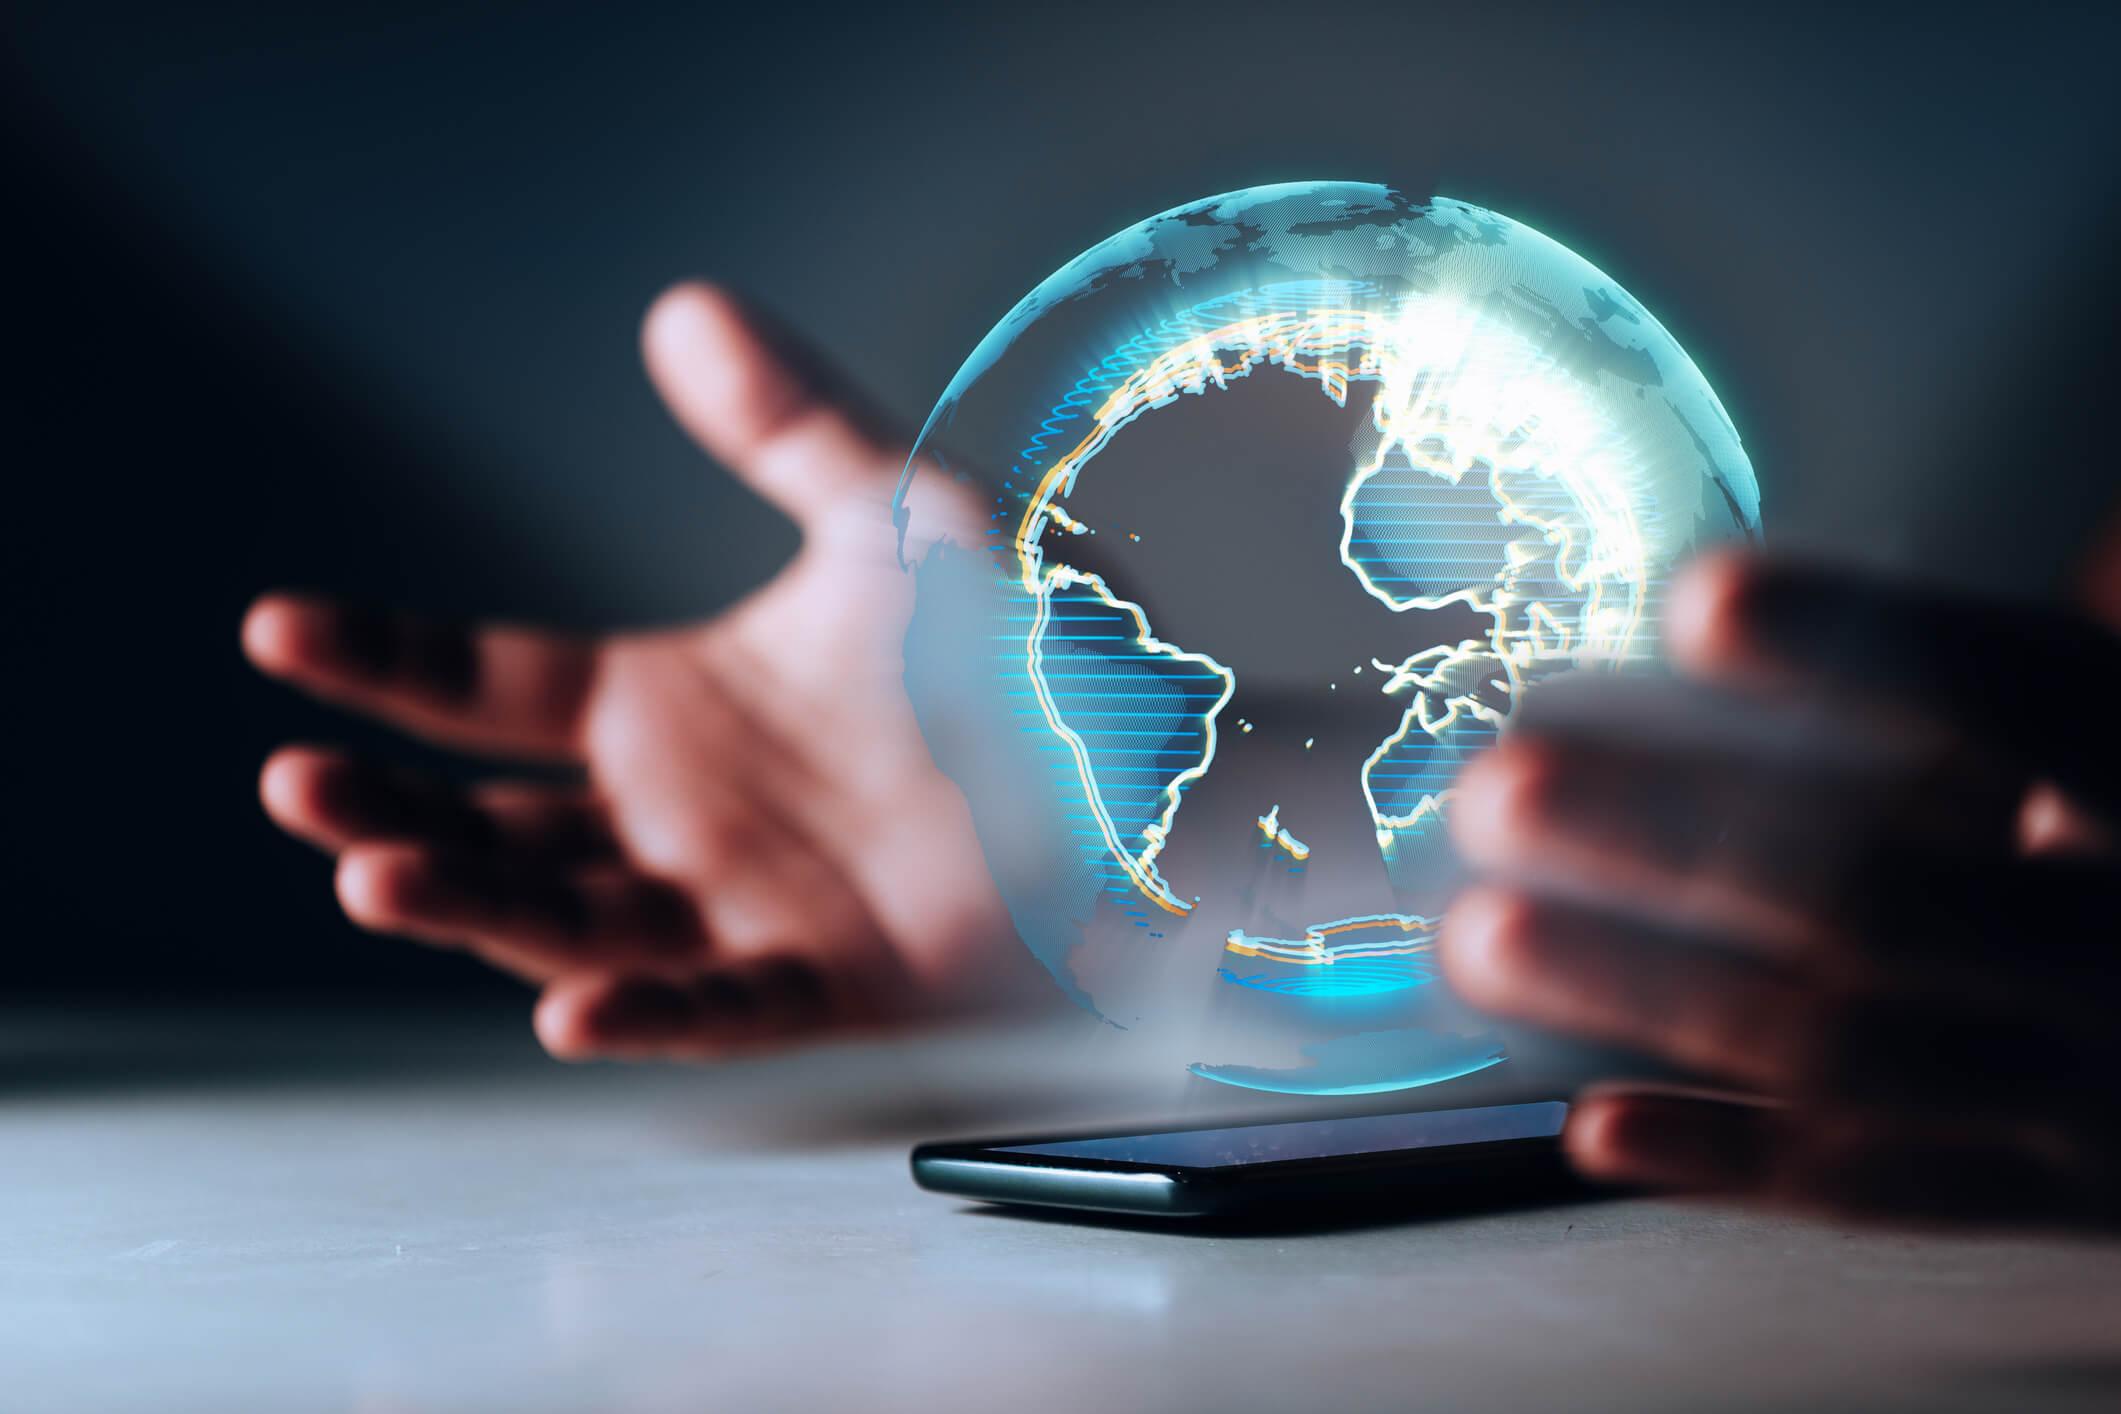 O que é tecnologia disruptiva e como ela vem impactando o mercado?